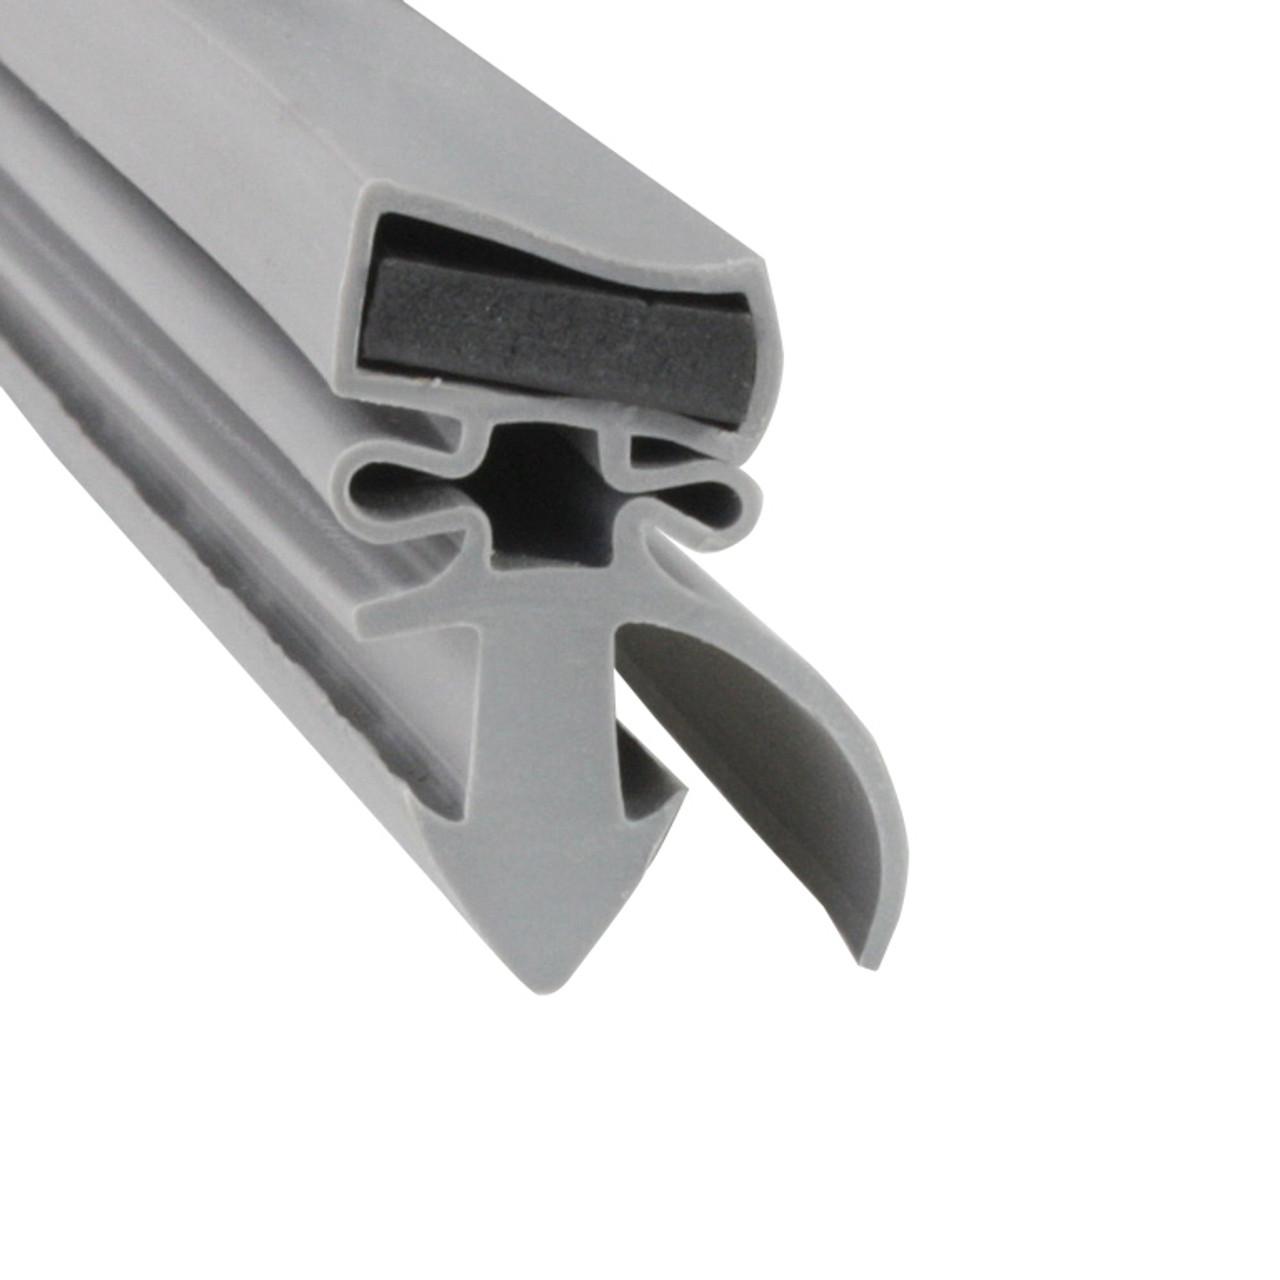 Silver-King-Cooler-and-Freezer-Door-Gasket-22-3-4-x-23-1-2